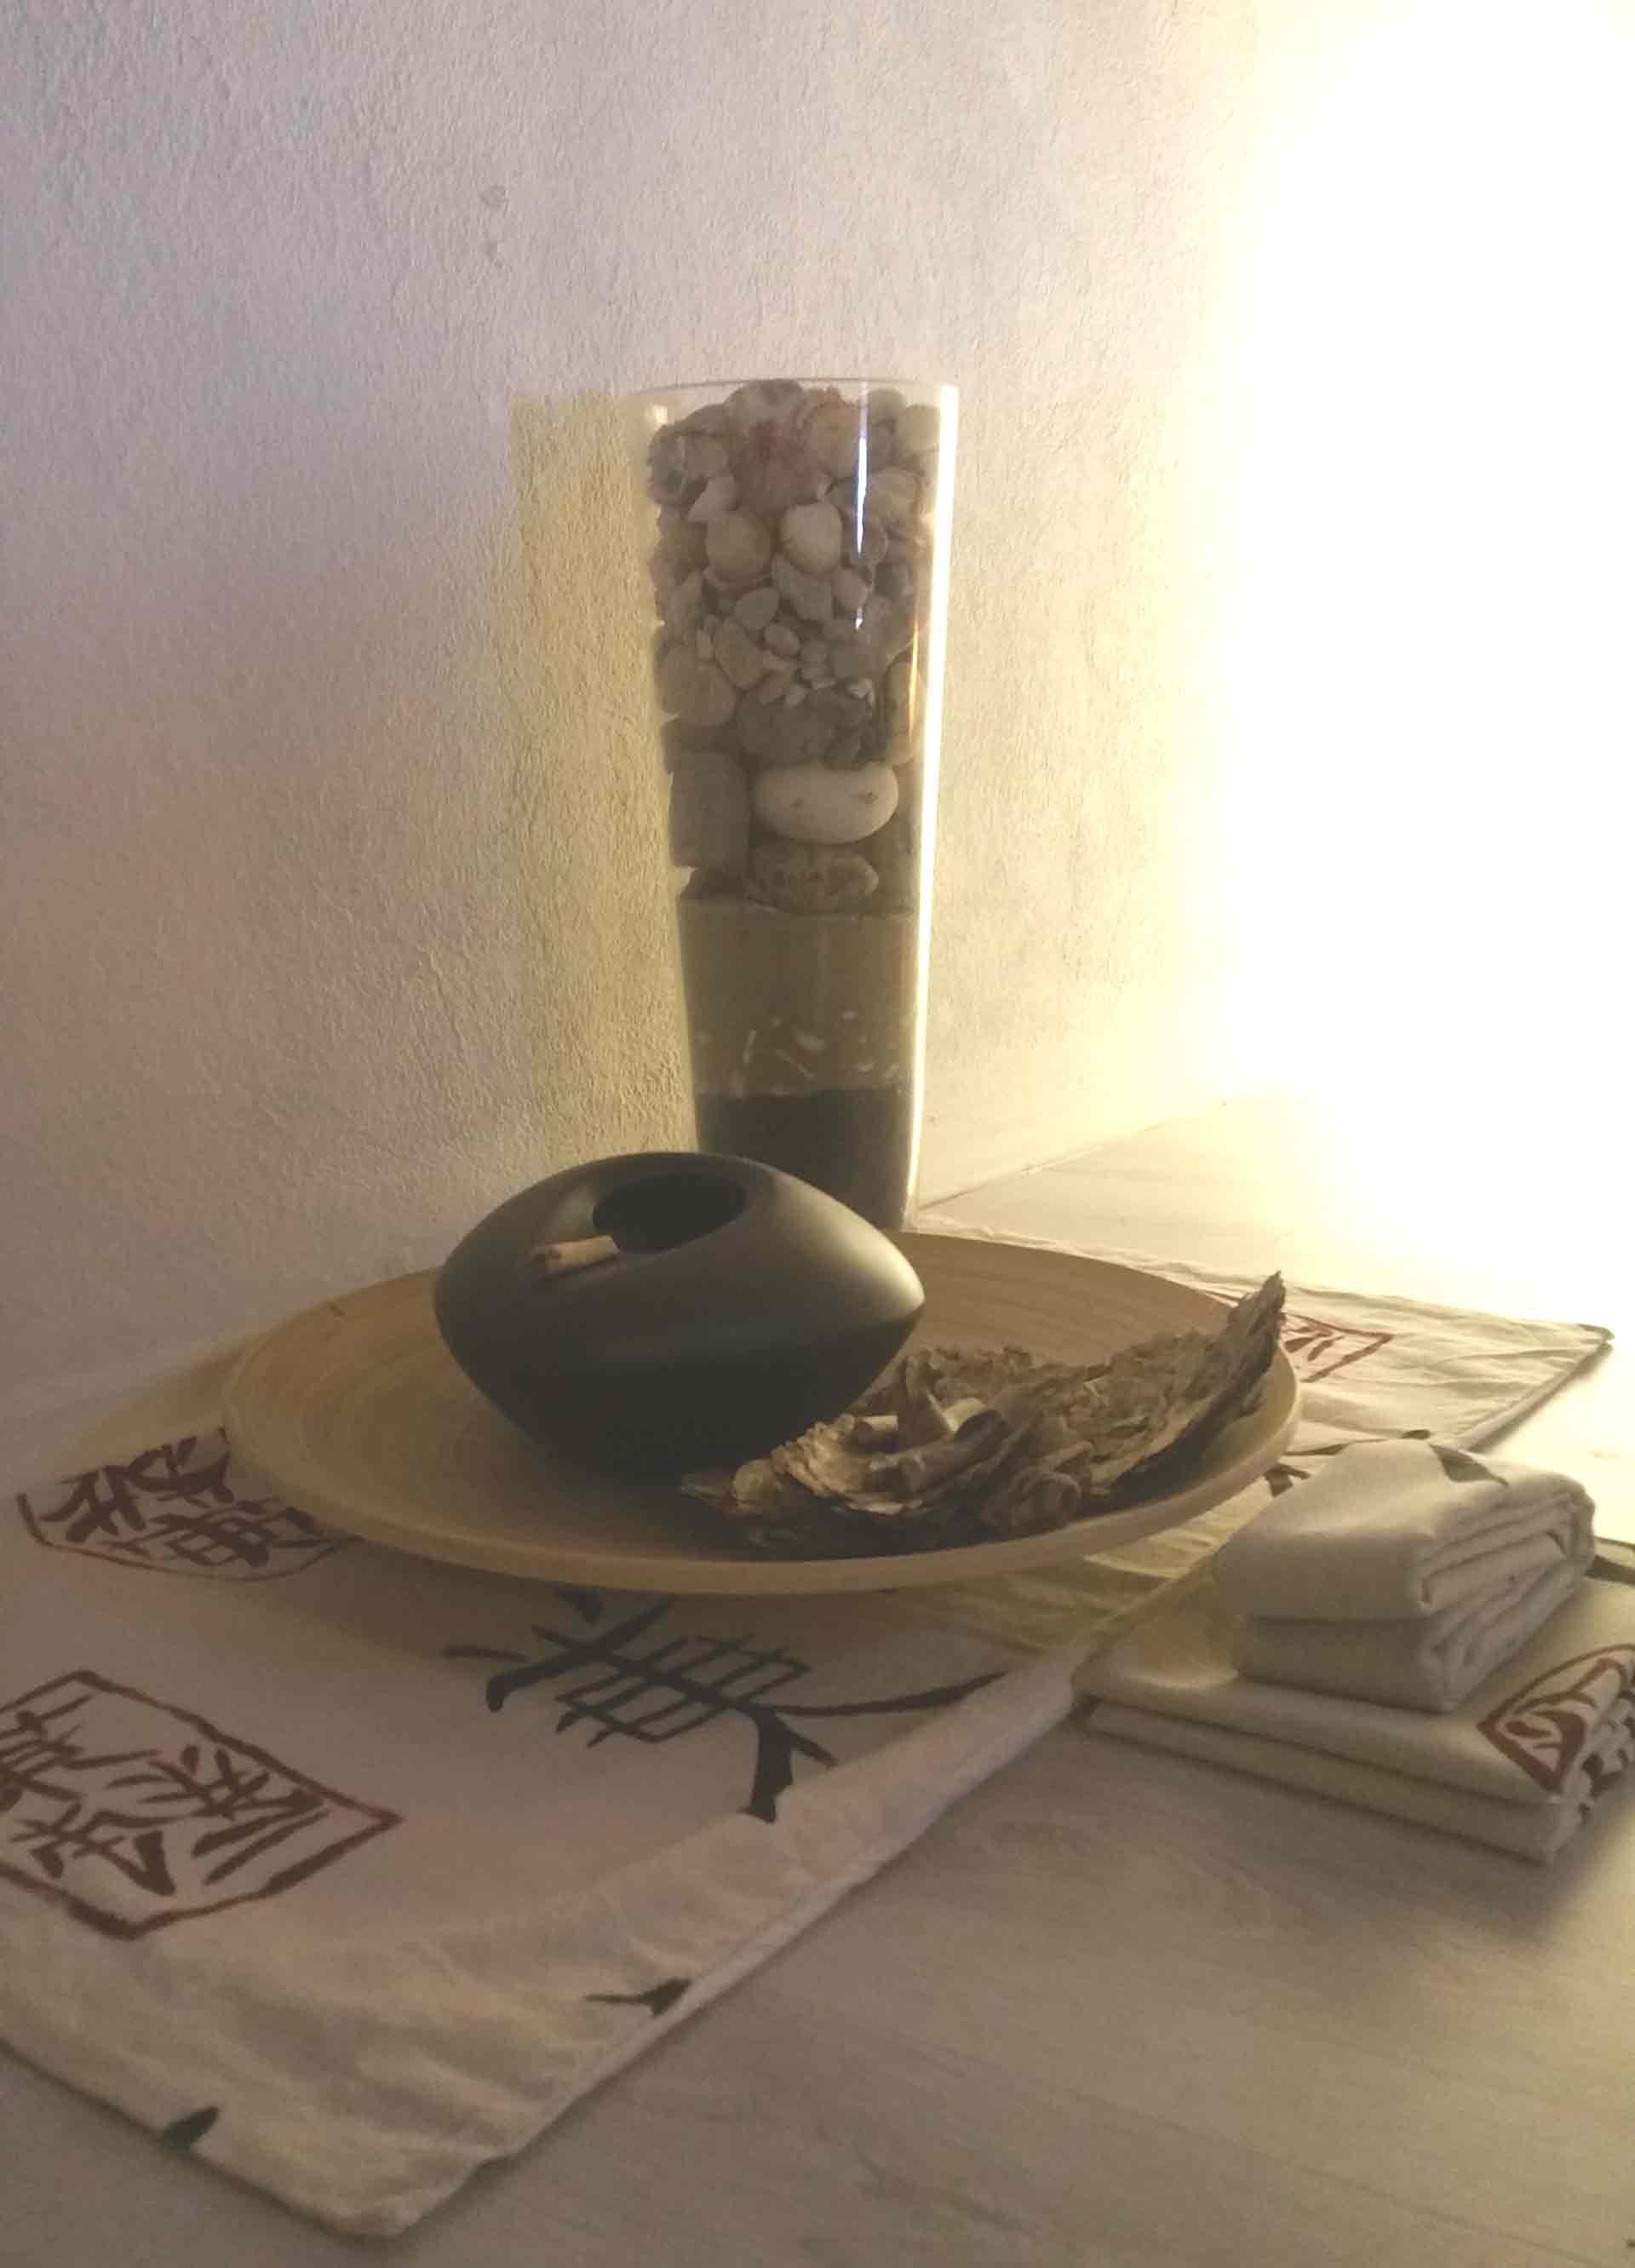 Camera zen composizione stoffa legno sassi acqua B&B & meditation center Zorba il Buddha Passerano Marmorito Asti